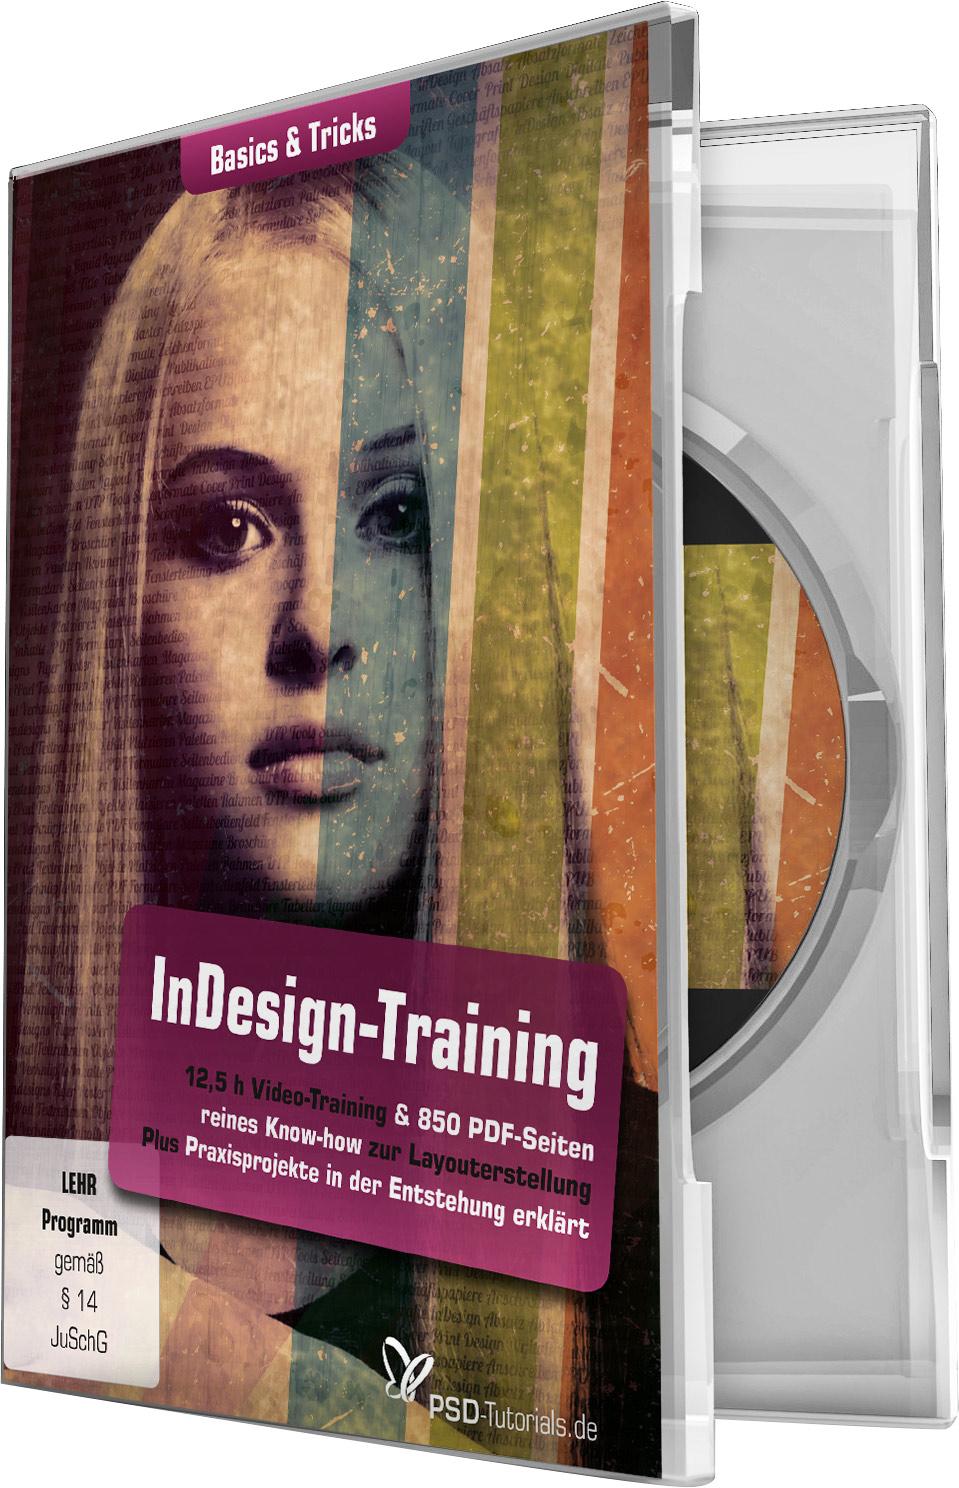 indesign training basics tricks psd shop. Black Bedroom Furniture Sets. Home Design Ideas